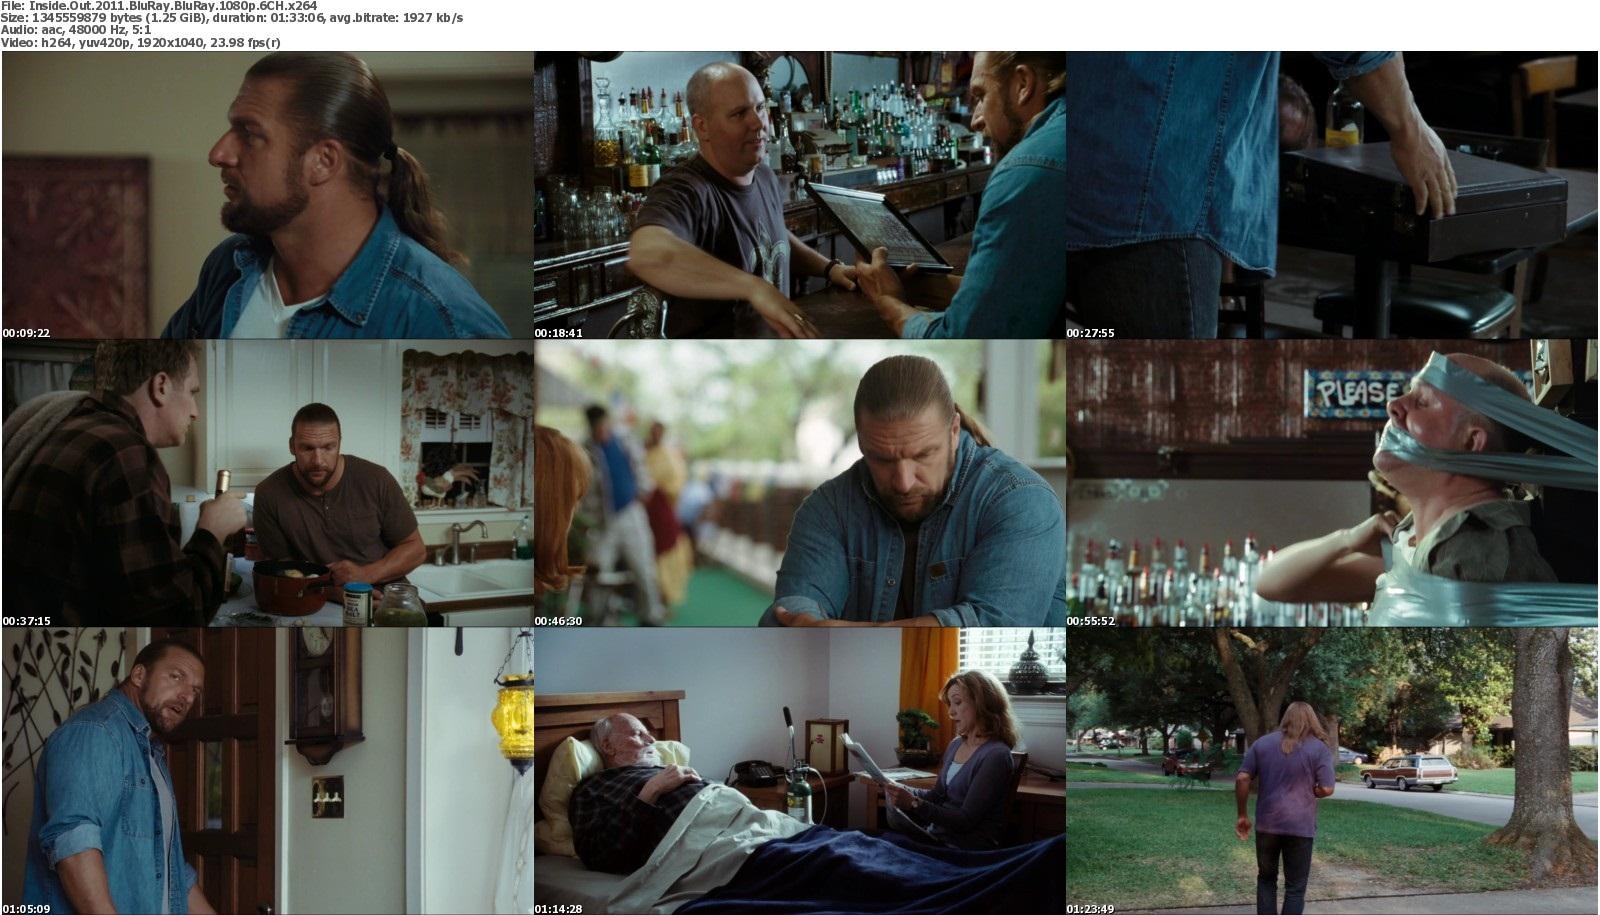 http://2.bp.blogspot.com/-YX3UTENqpqY/TpZ-oi6Y7DI/AAAAAAAAAOM/BV8TCThtxSM/s1600/Inside.Out.2011.BluRay.BluRay.1080p.6CH.x264.Hnmovies.com_s.jpg